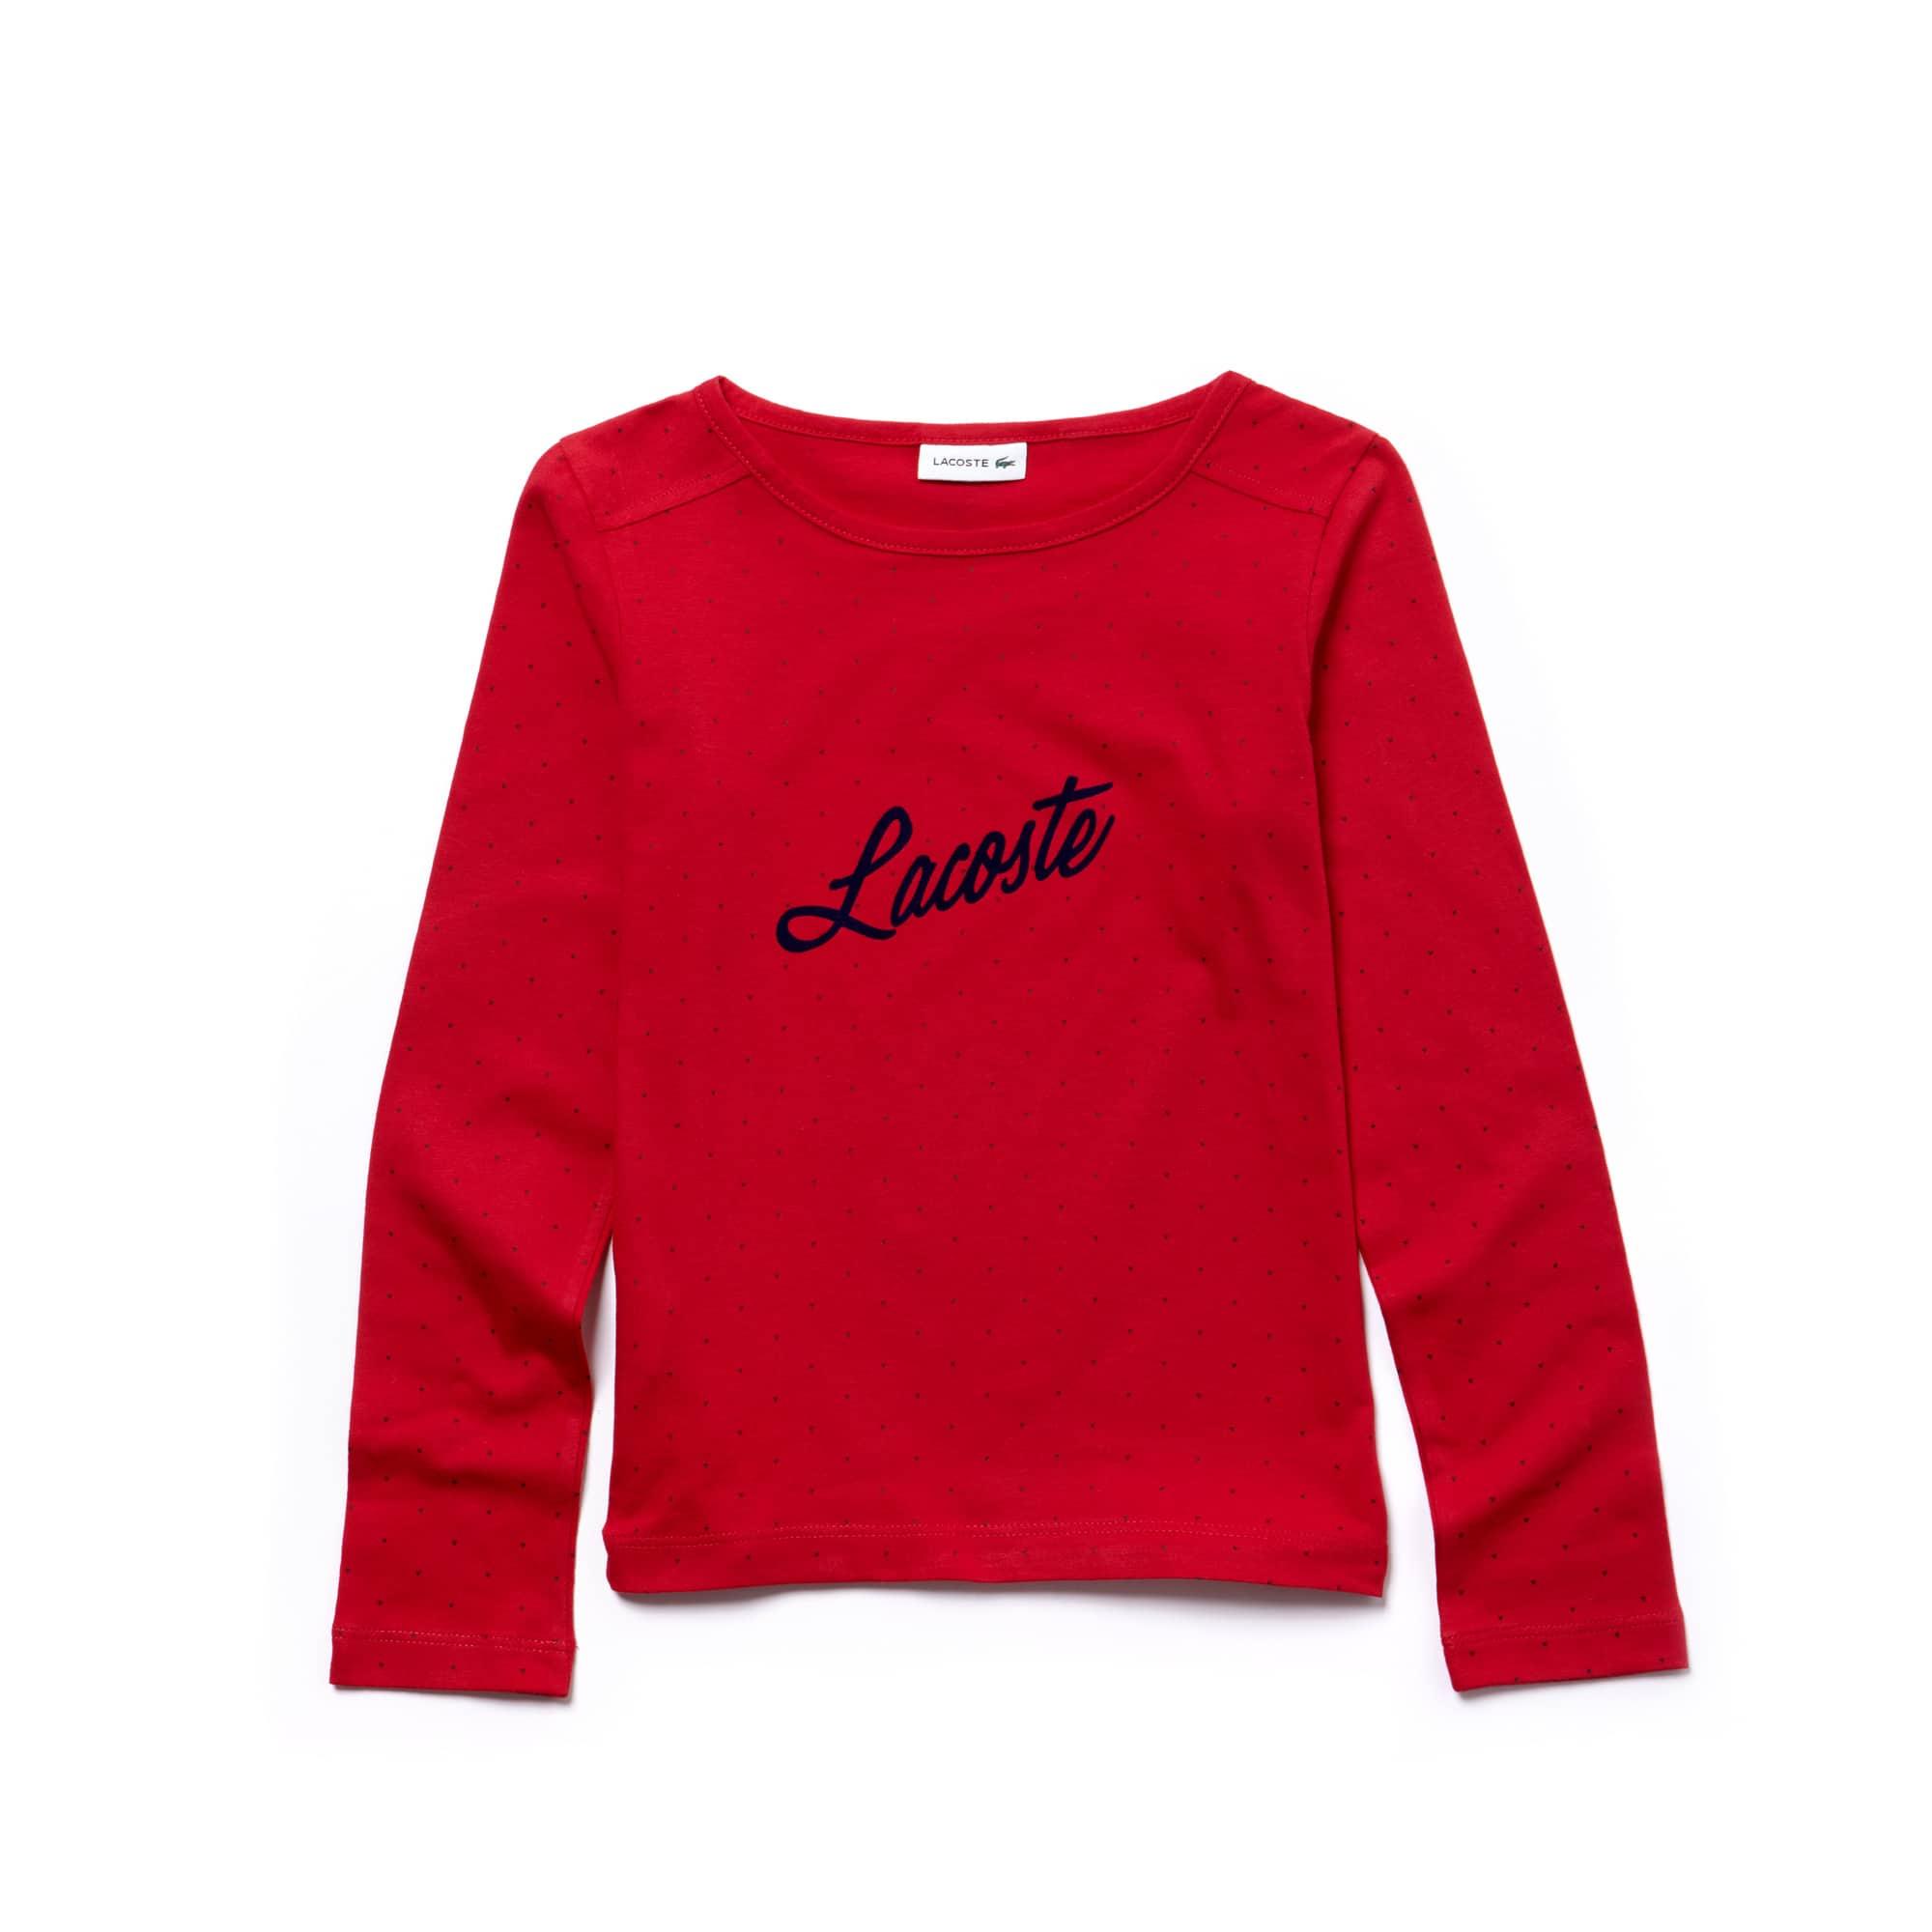 Mädchen-T-Shirt aus Jersey mit LACOSTE-Aufdruck